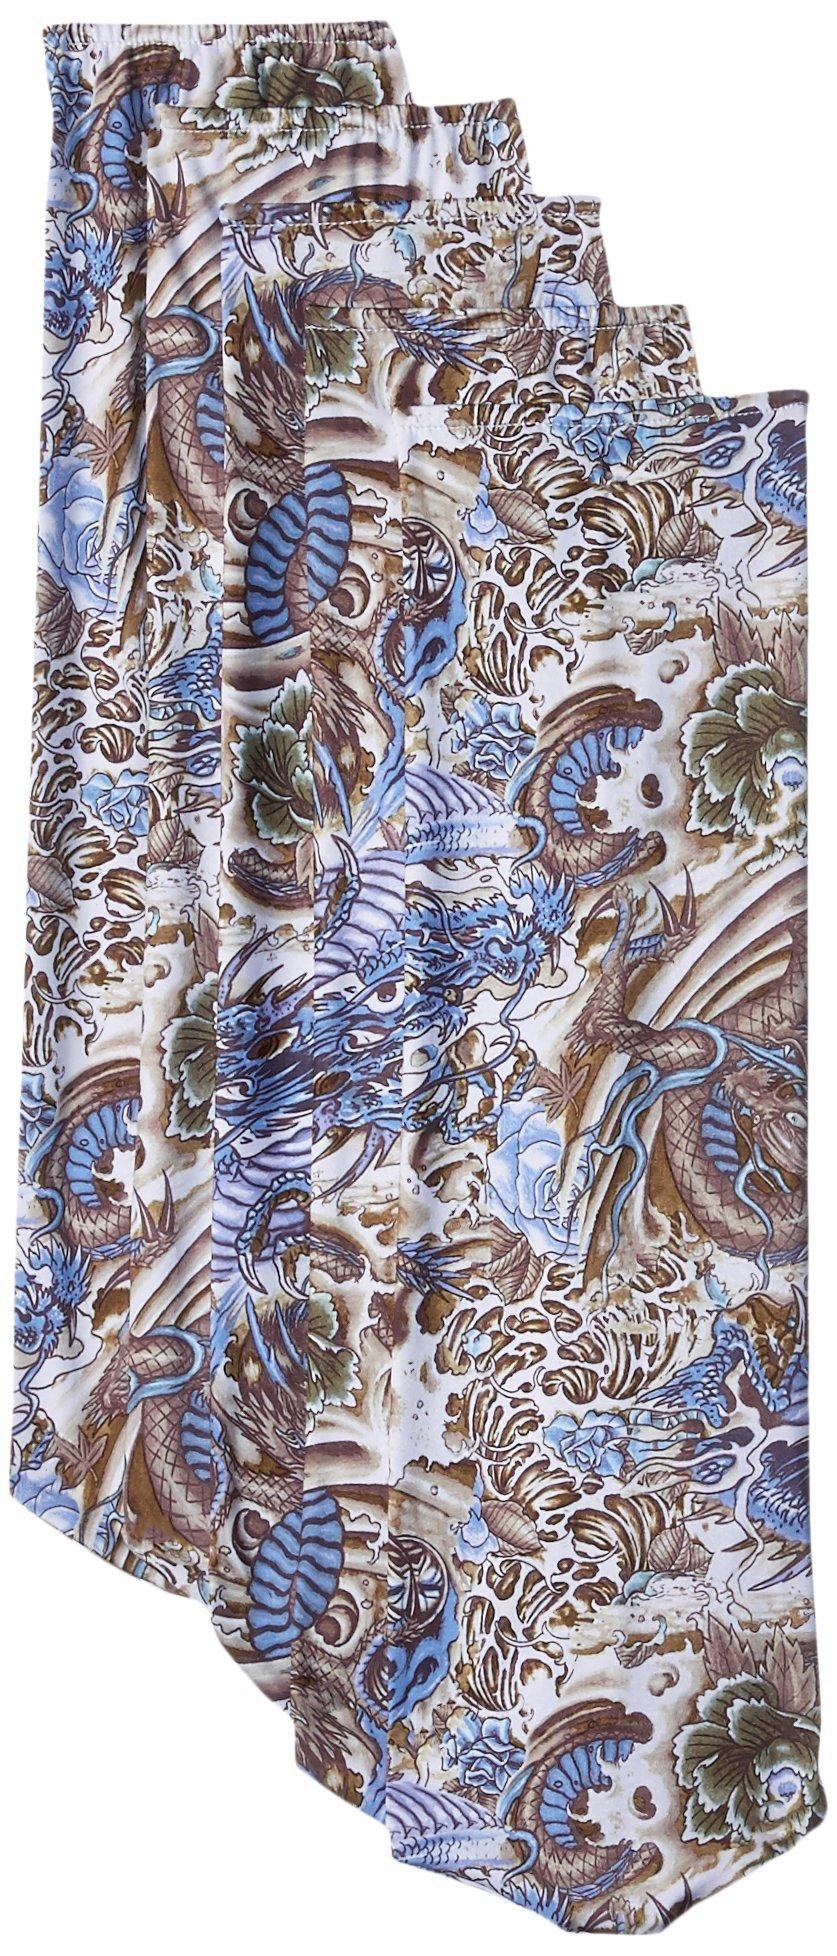 Fan Blade Designs 284600224 Blue Hidden Dragon Ceiling Fan Blade Covers